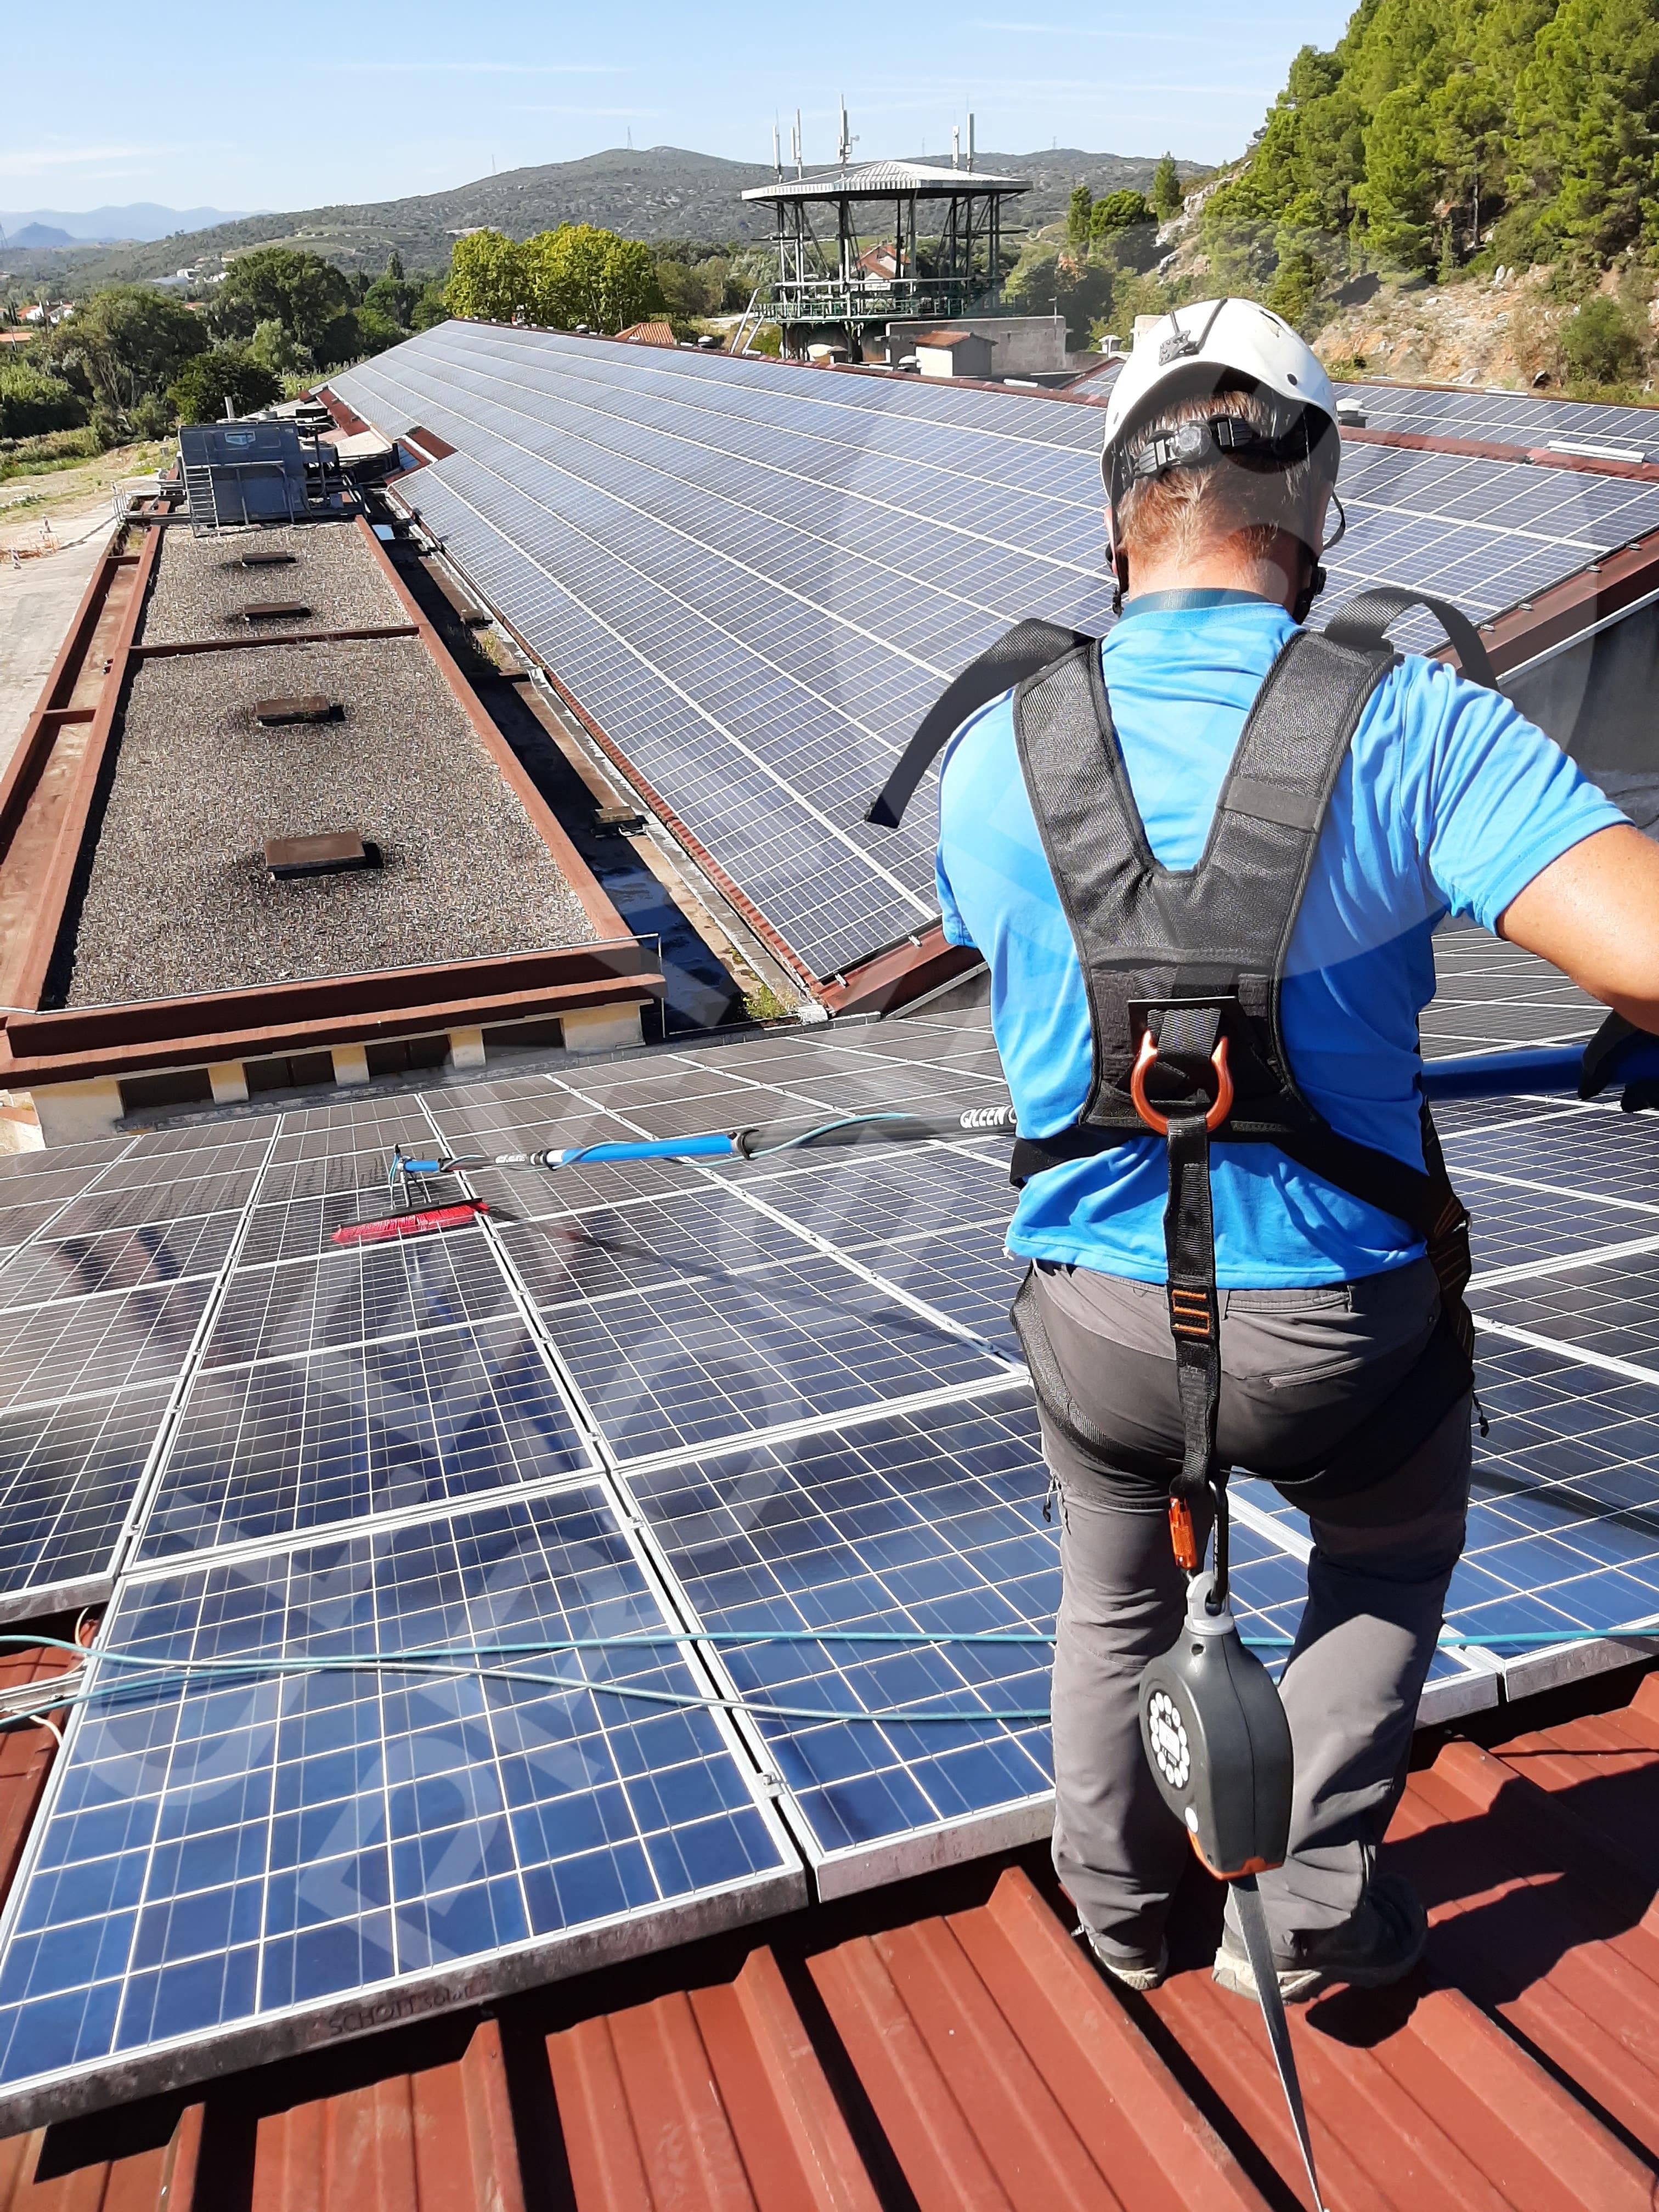 nettoyage professionnel dans grandes surfaces de panneaux solaires